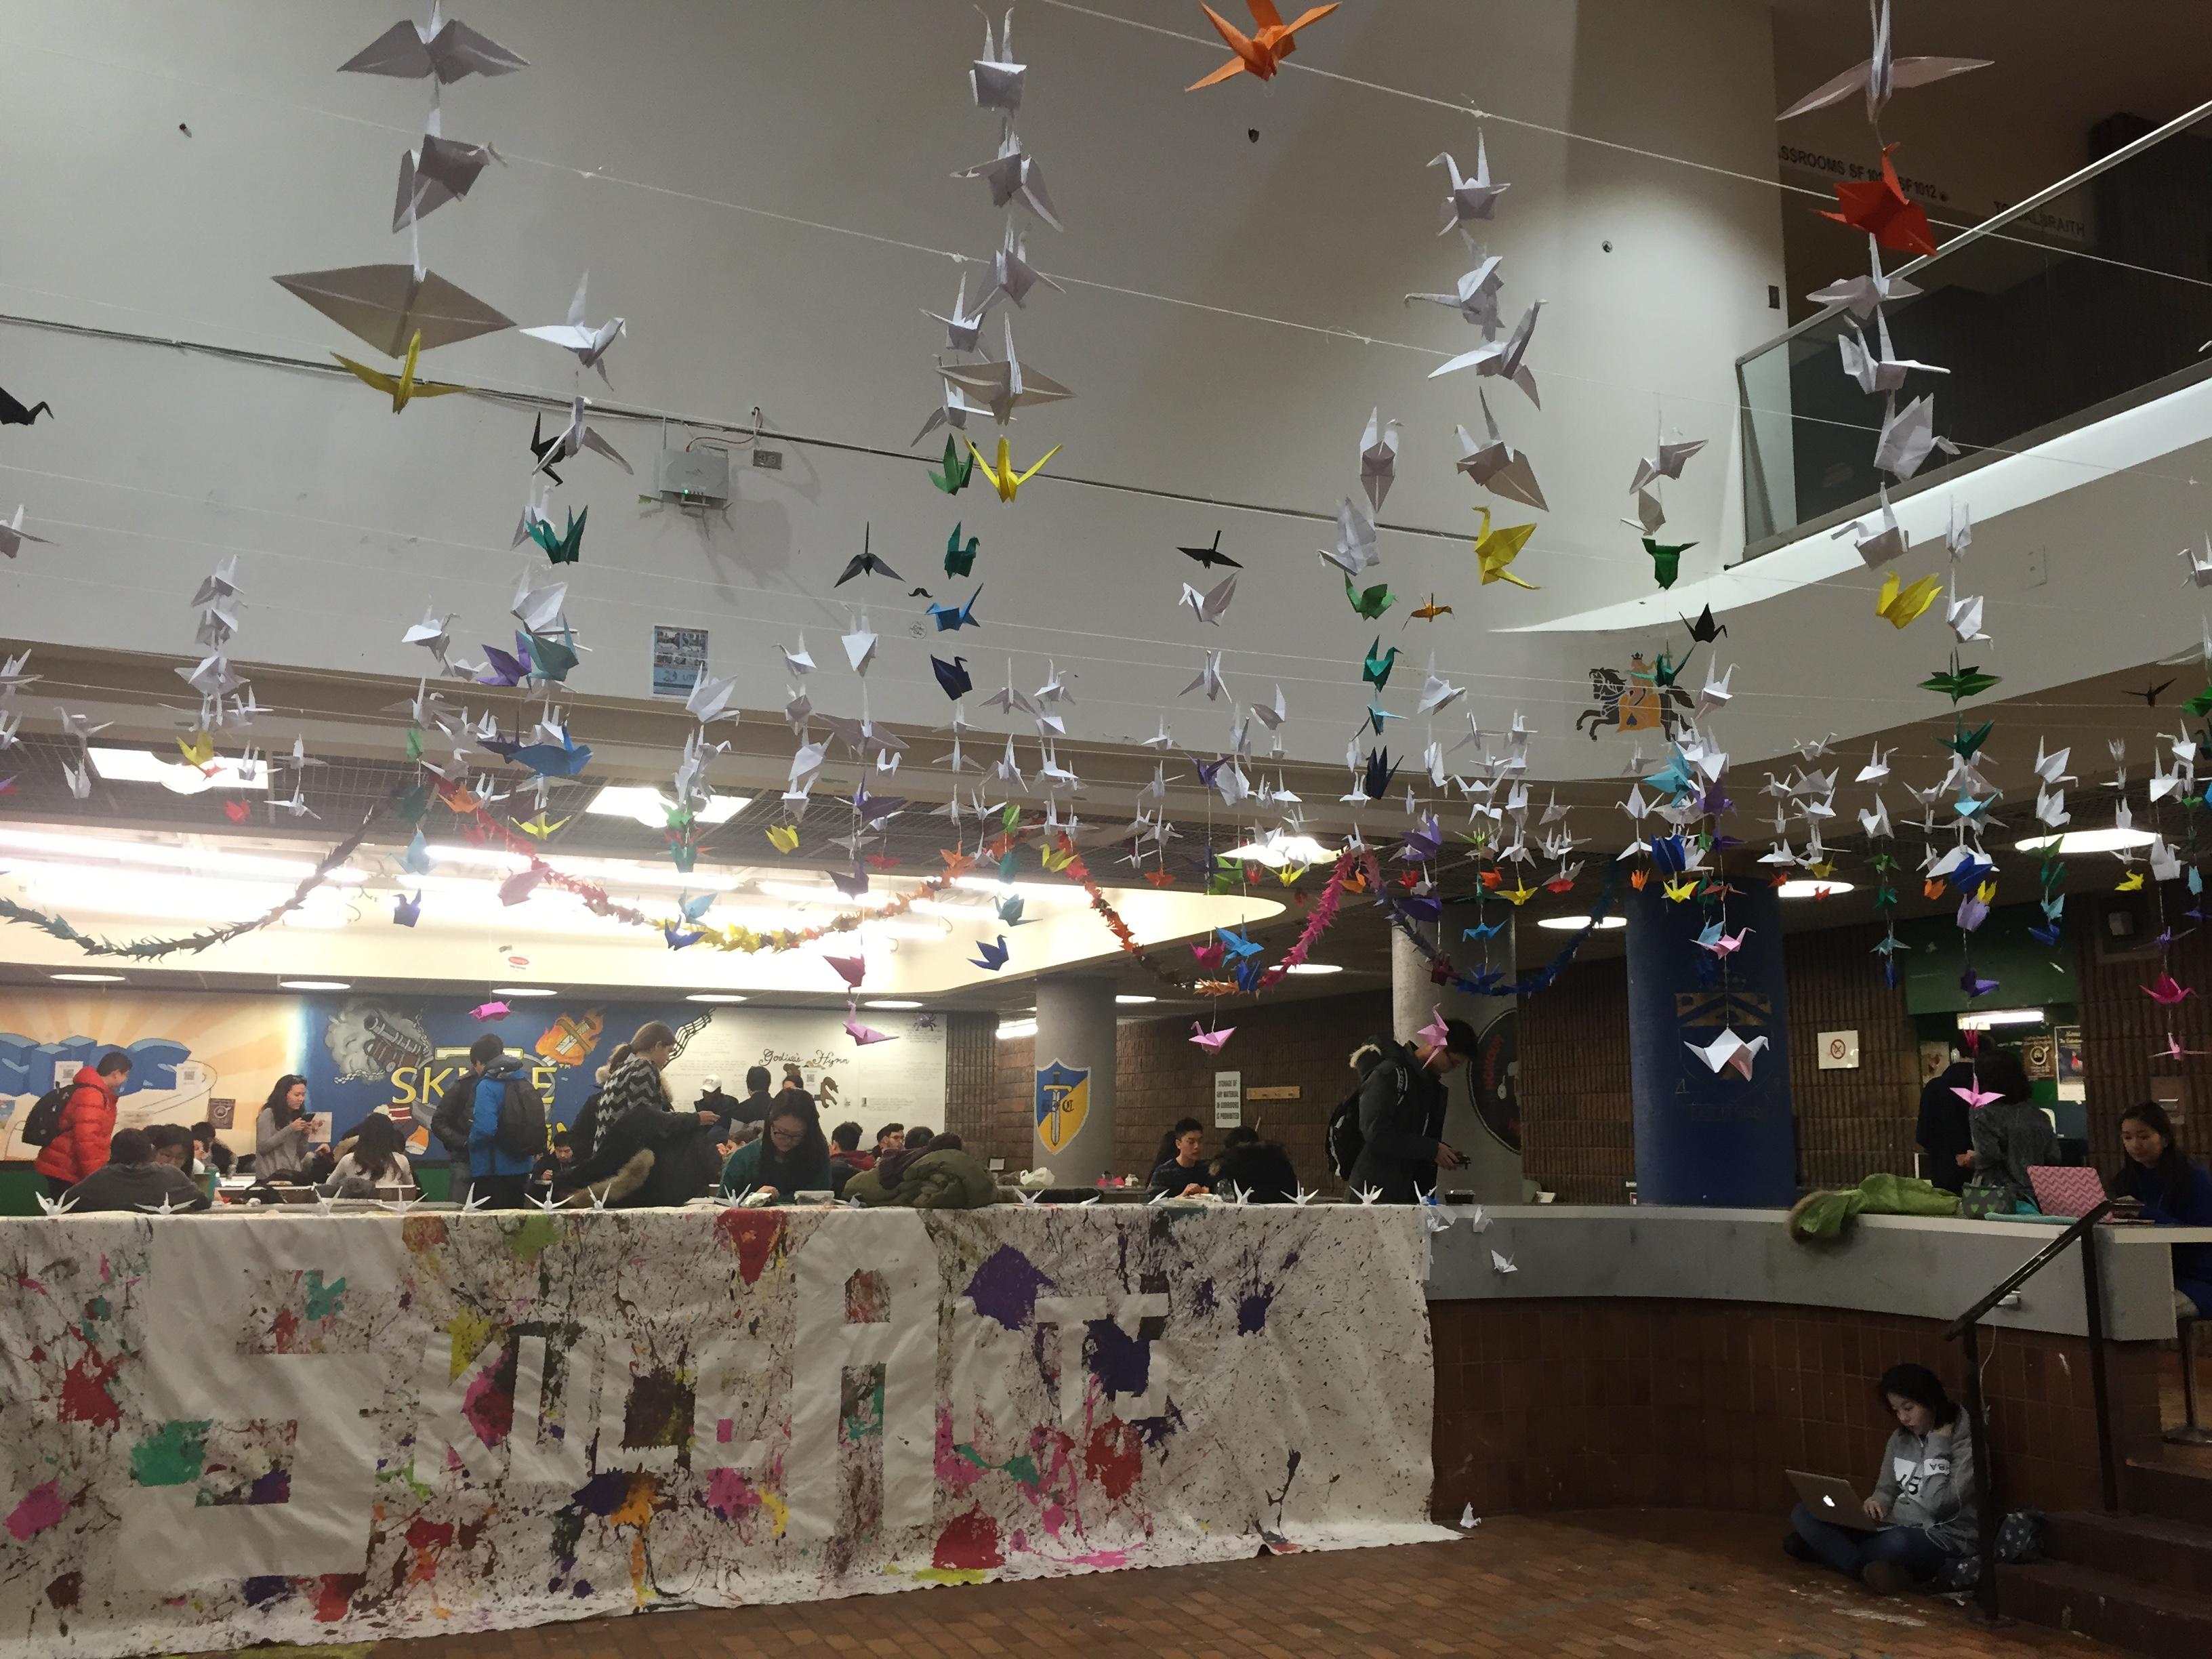 Below view of the hanging cranes